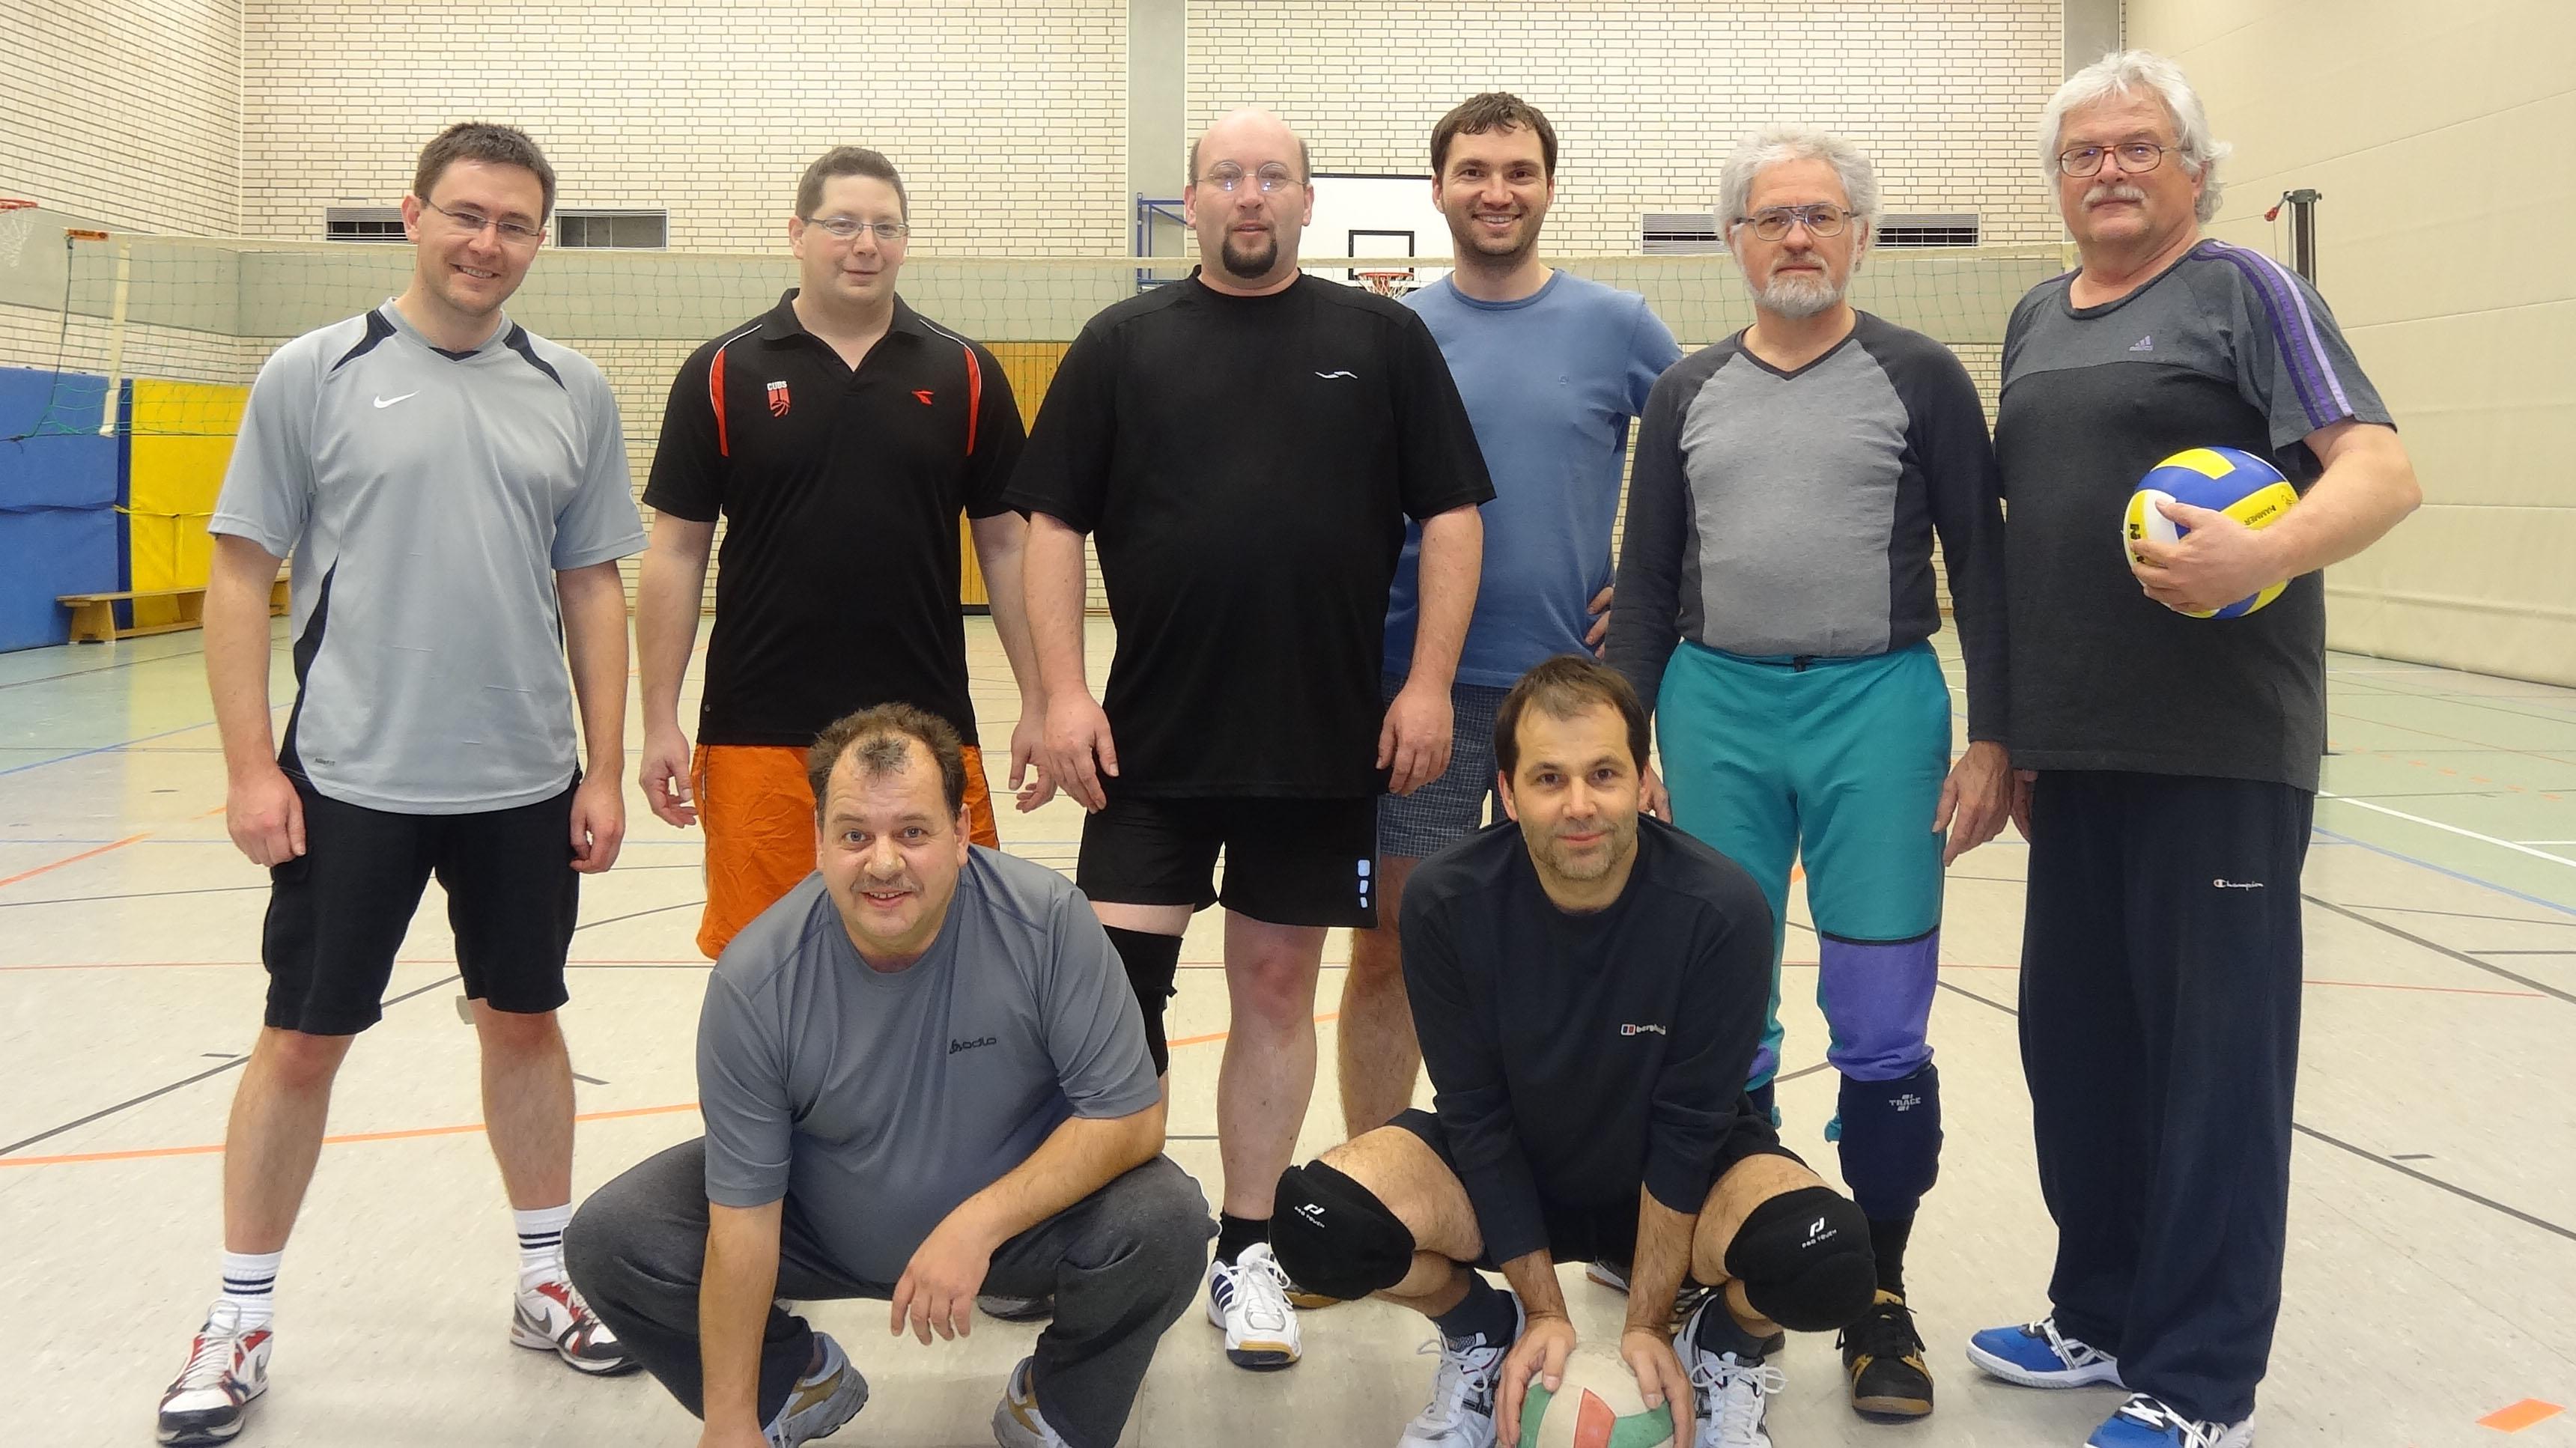 Volleyballergruppenbild